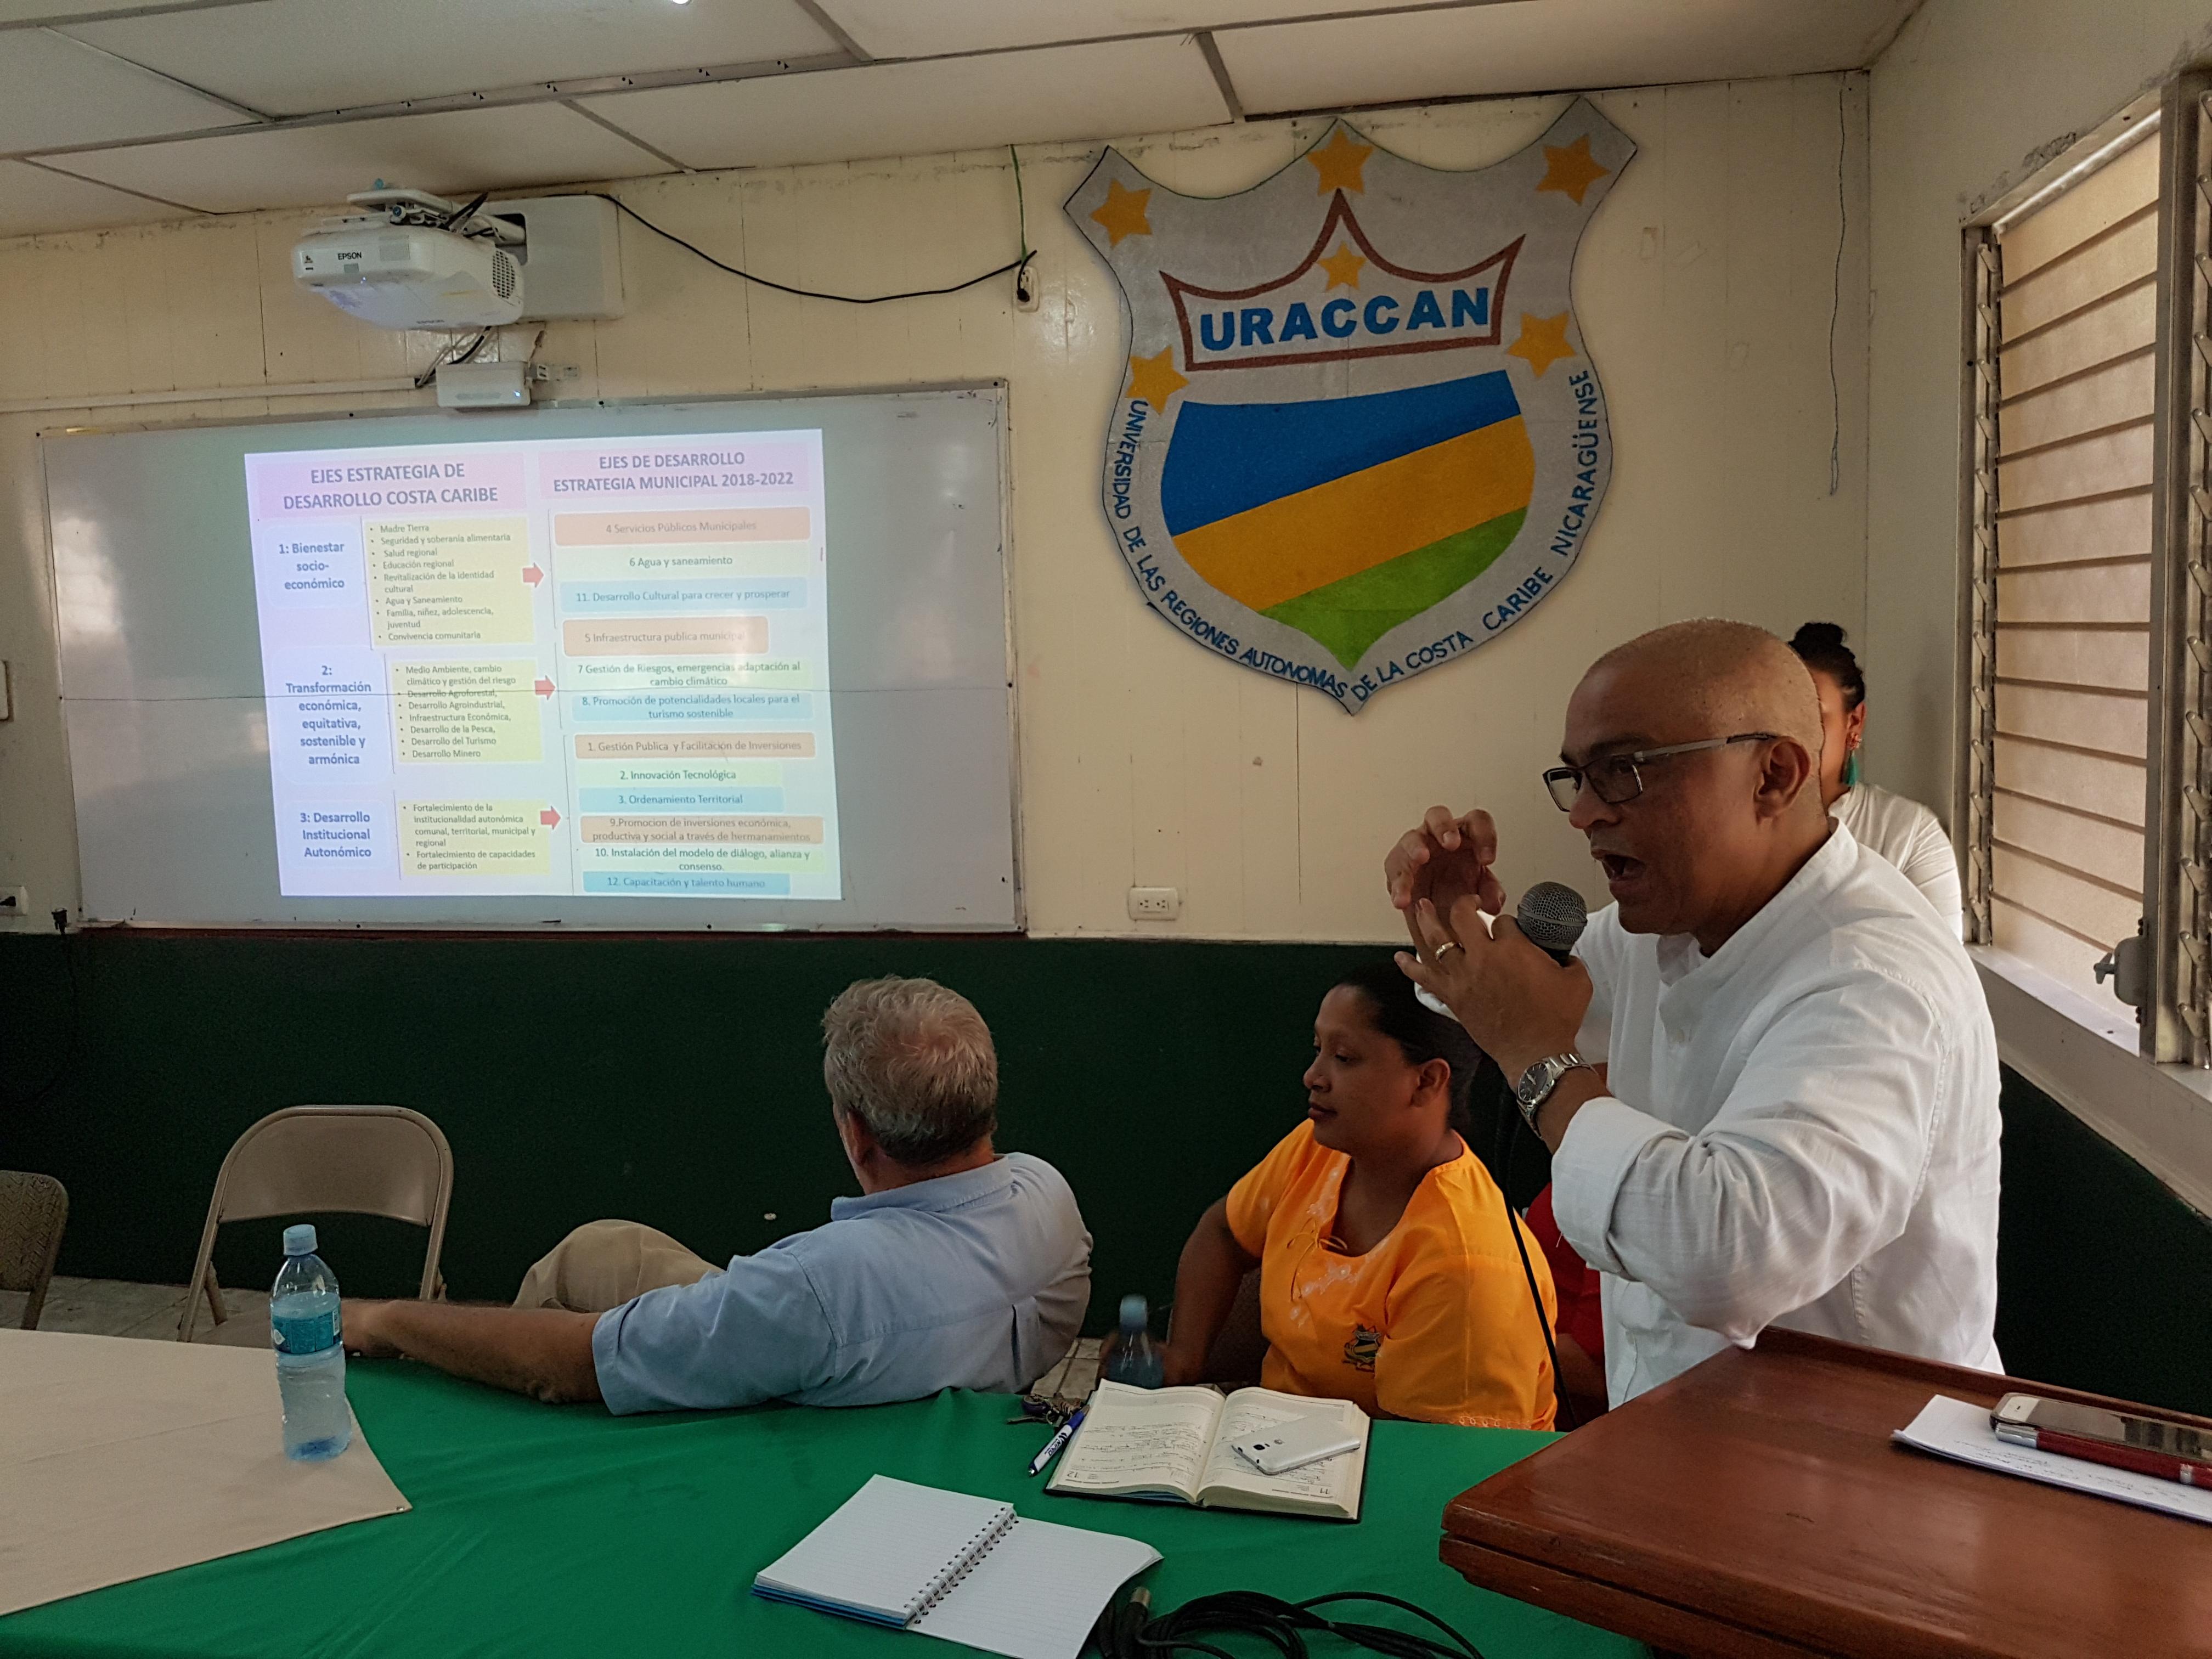 Presentan plan de inversiones en fortalecimiento a la autonomía regional